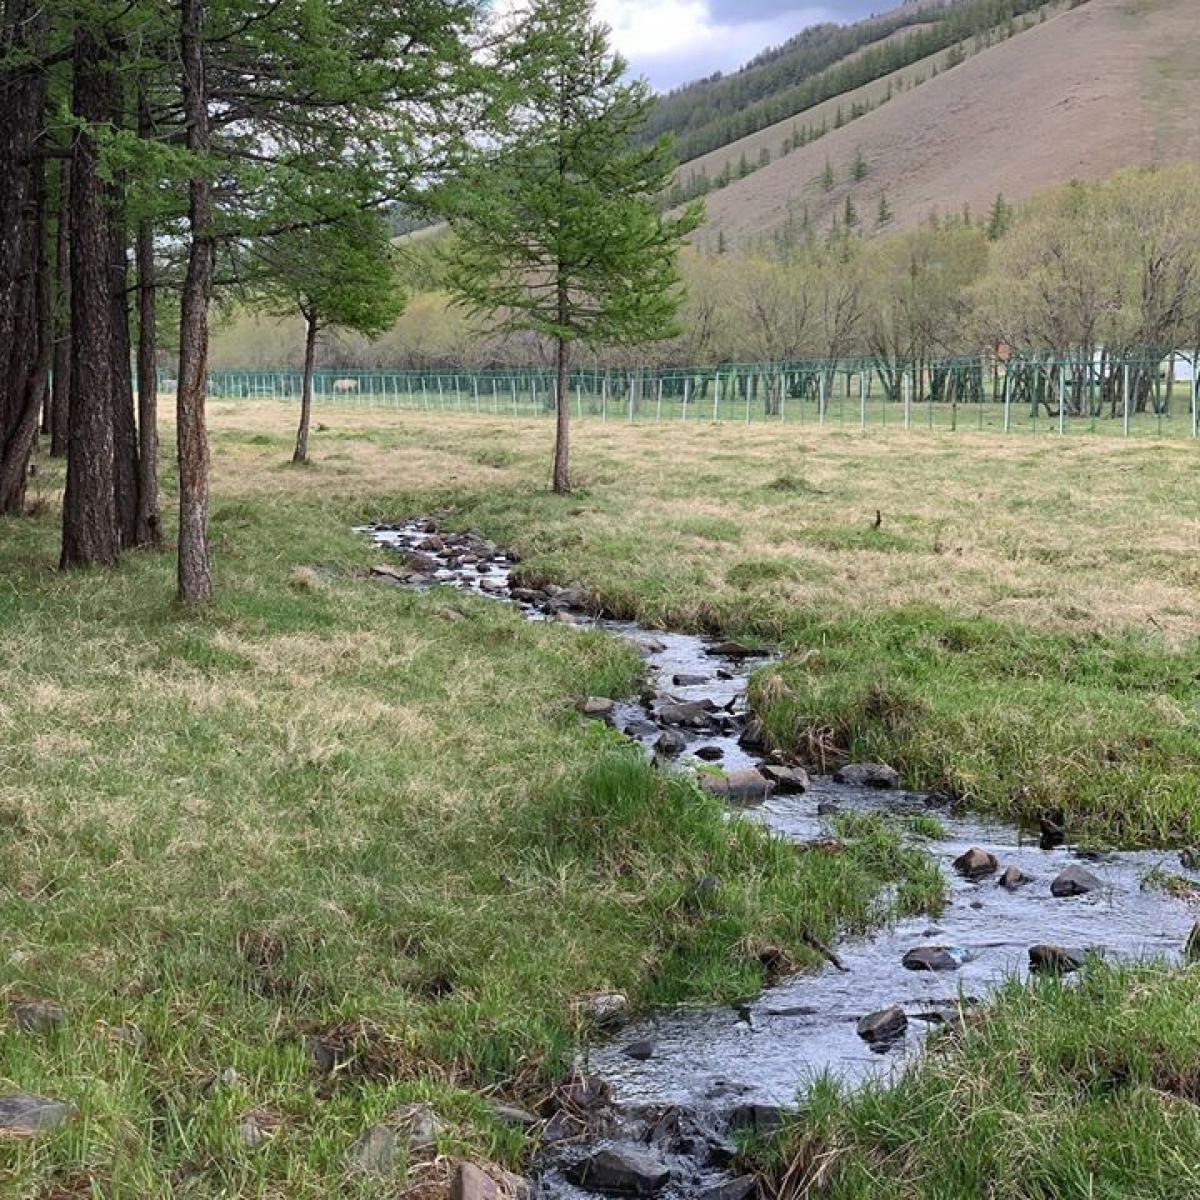 Тусгай хамгаалалтын газрыг нэмэгдүүлснээр усны нөөц сэргэж, түвшин нь нэмэгджээ